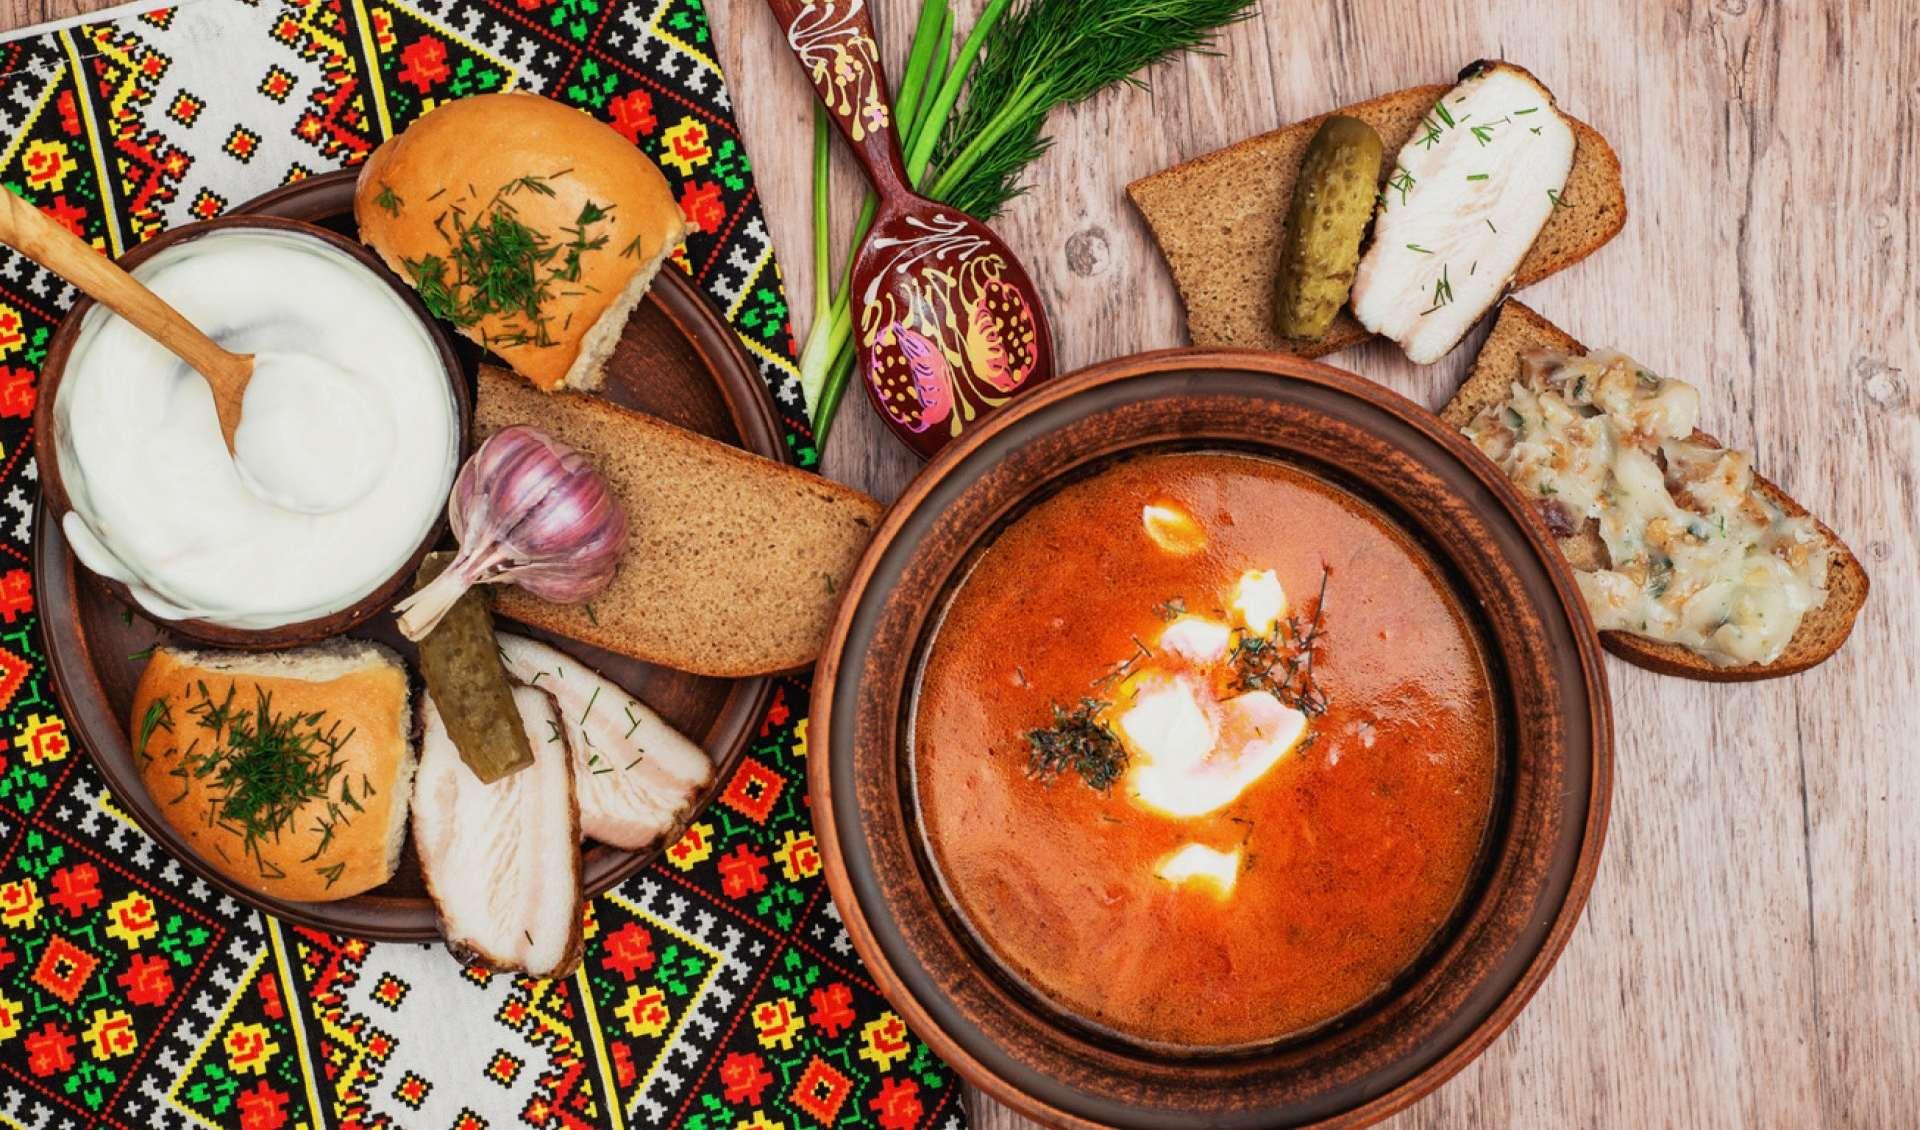 Блюда национальной кухни картинки